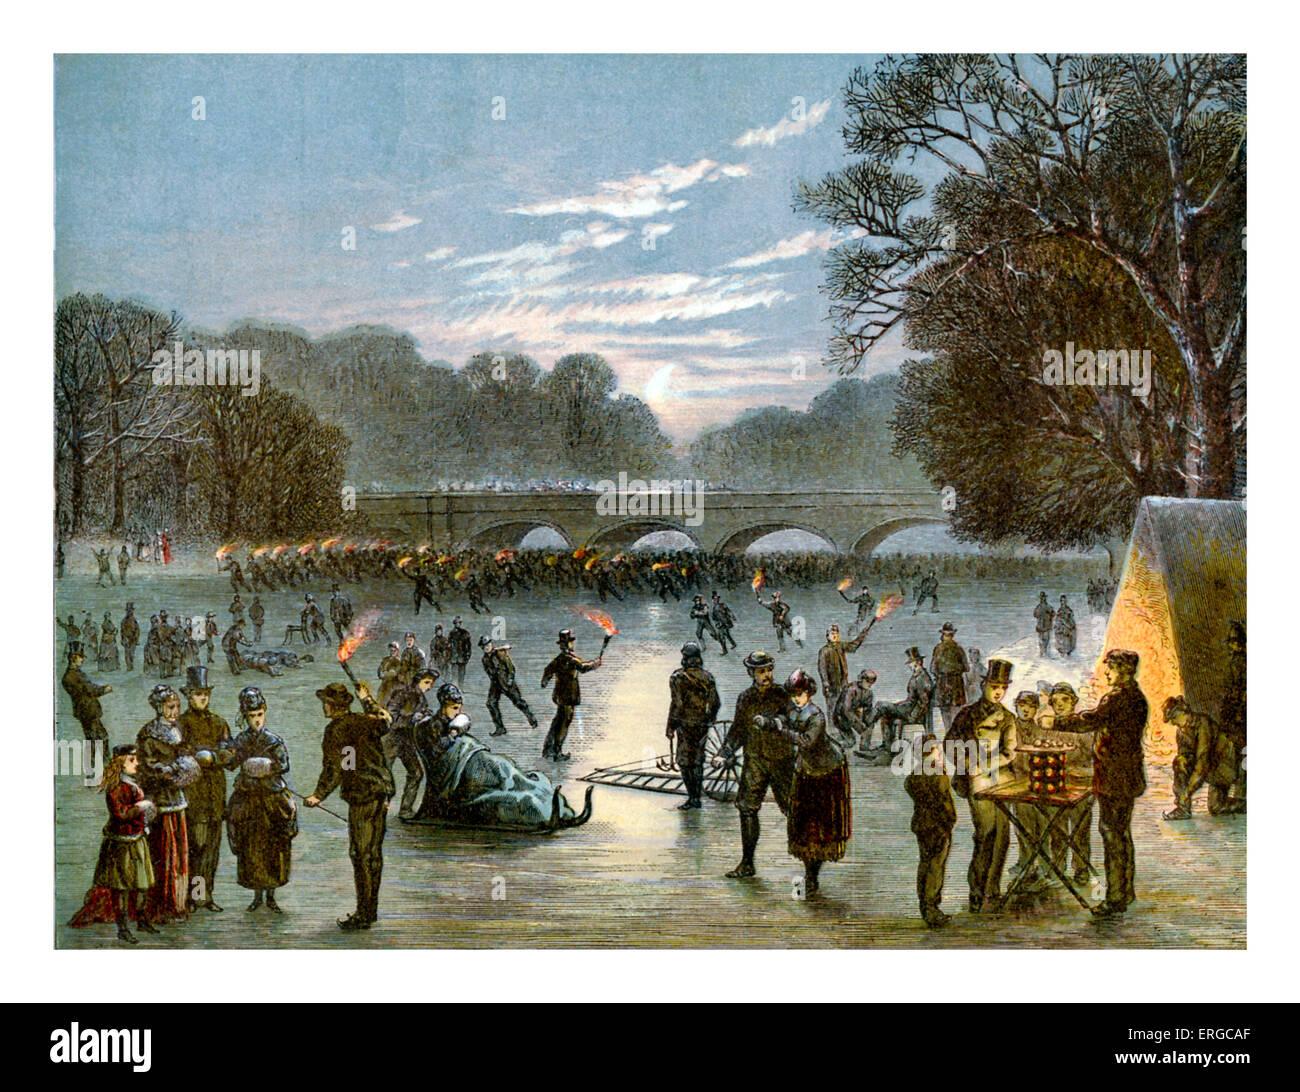 Entretenimiento en serpentina congelados, el 1 de enero de 1870. Río, lago Serpentine en Hyde Park, Londres. Imagen De Stock